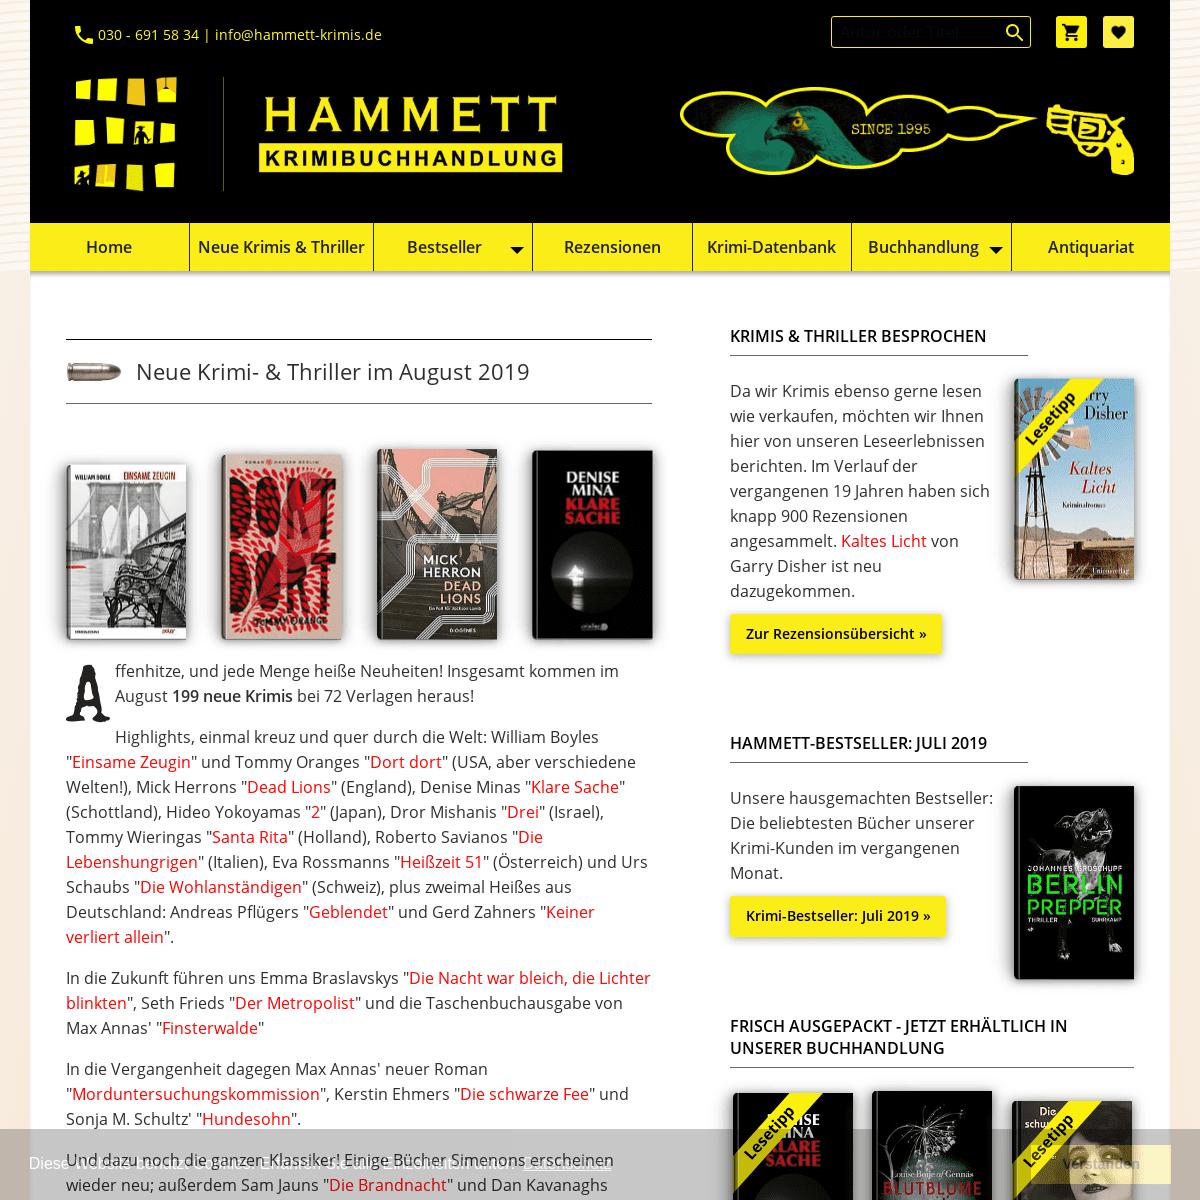 Hammett-Krimibuchhandlung Berlin- Neue Krimis und Thriller, Krimi-Antiquariat